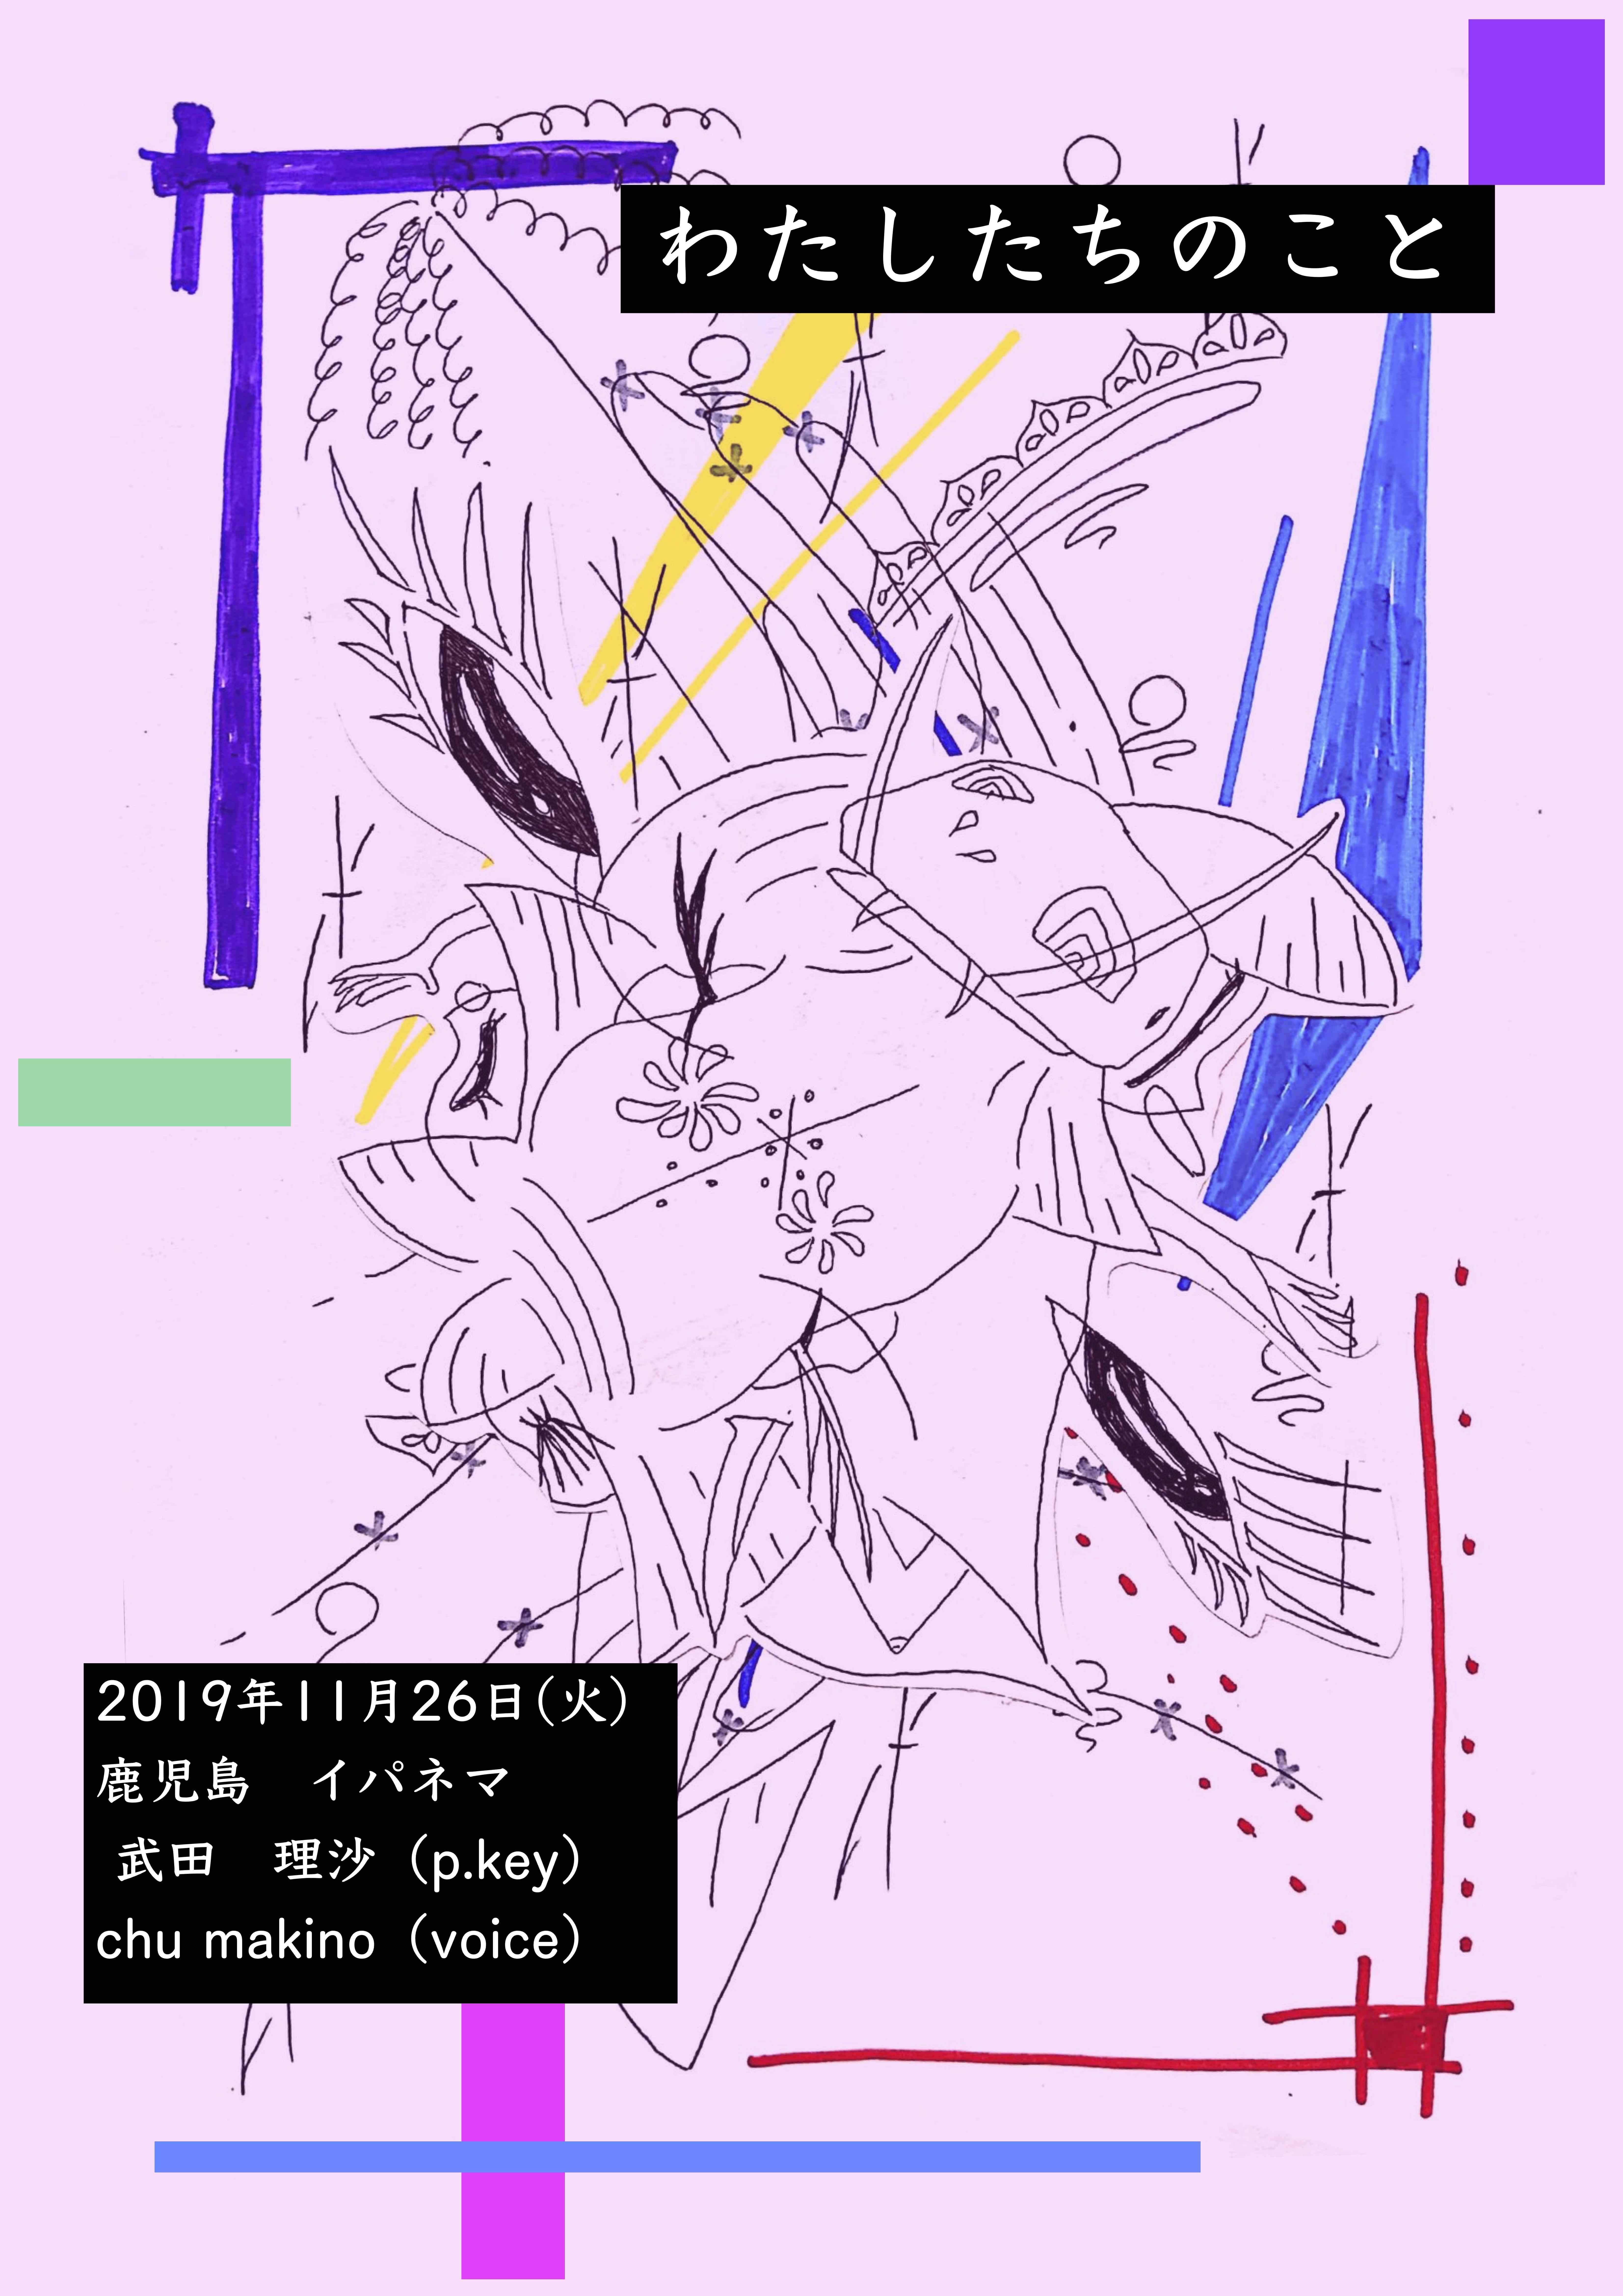 わたしたちのこと 武田理沙/ChumakinoDuo